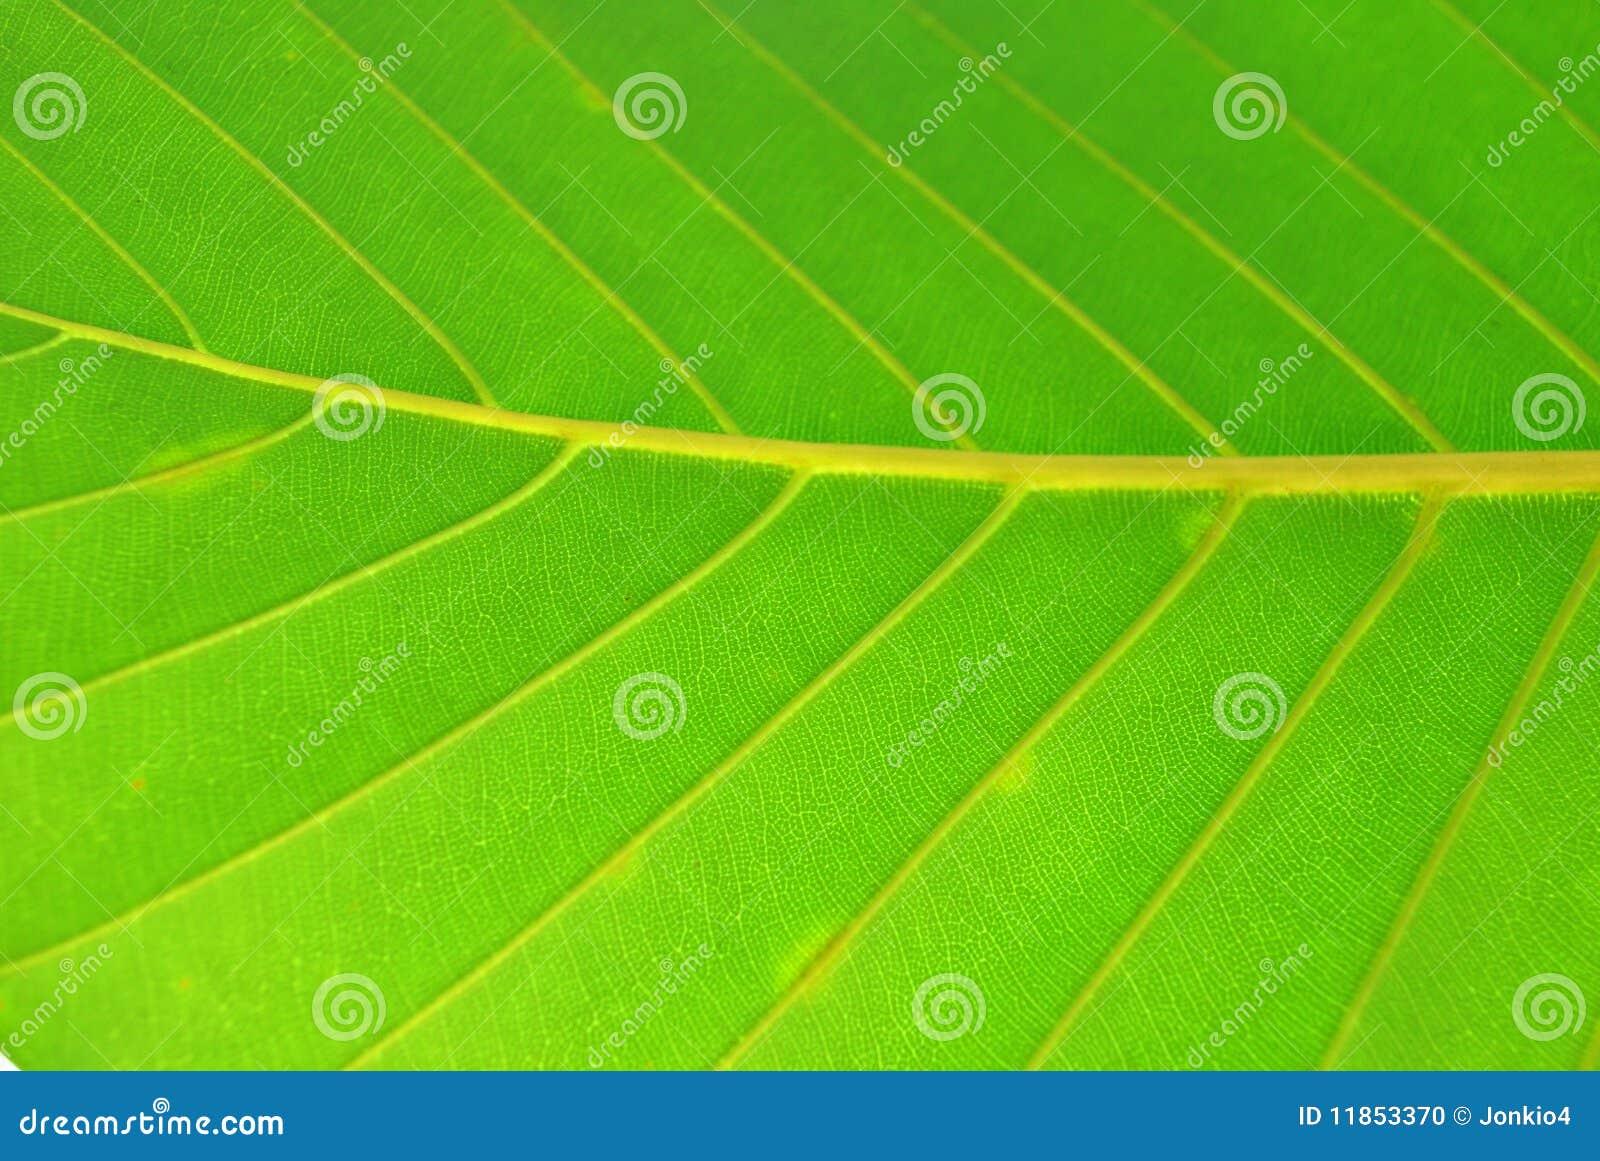 Green leafen